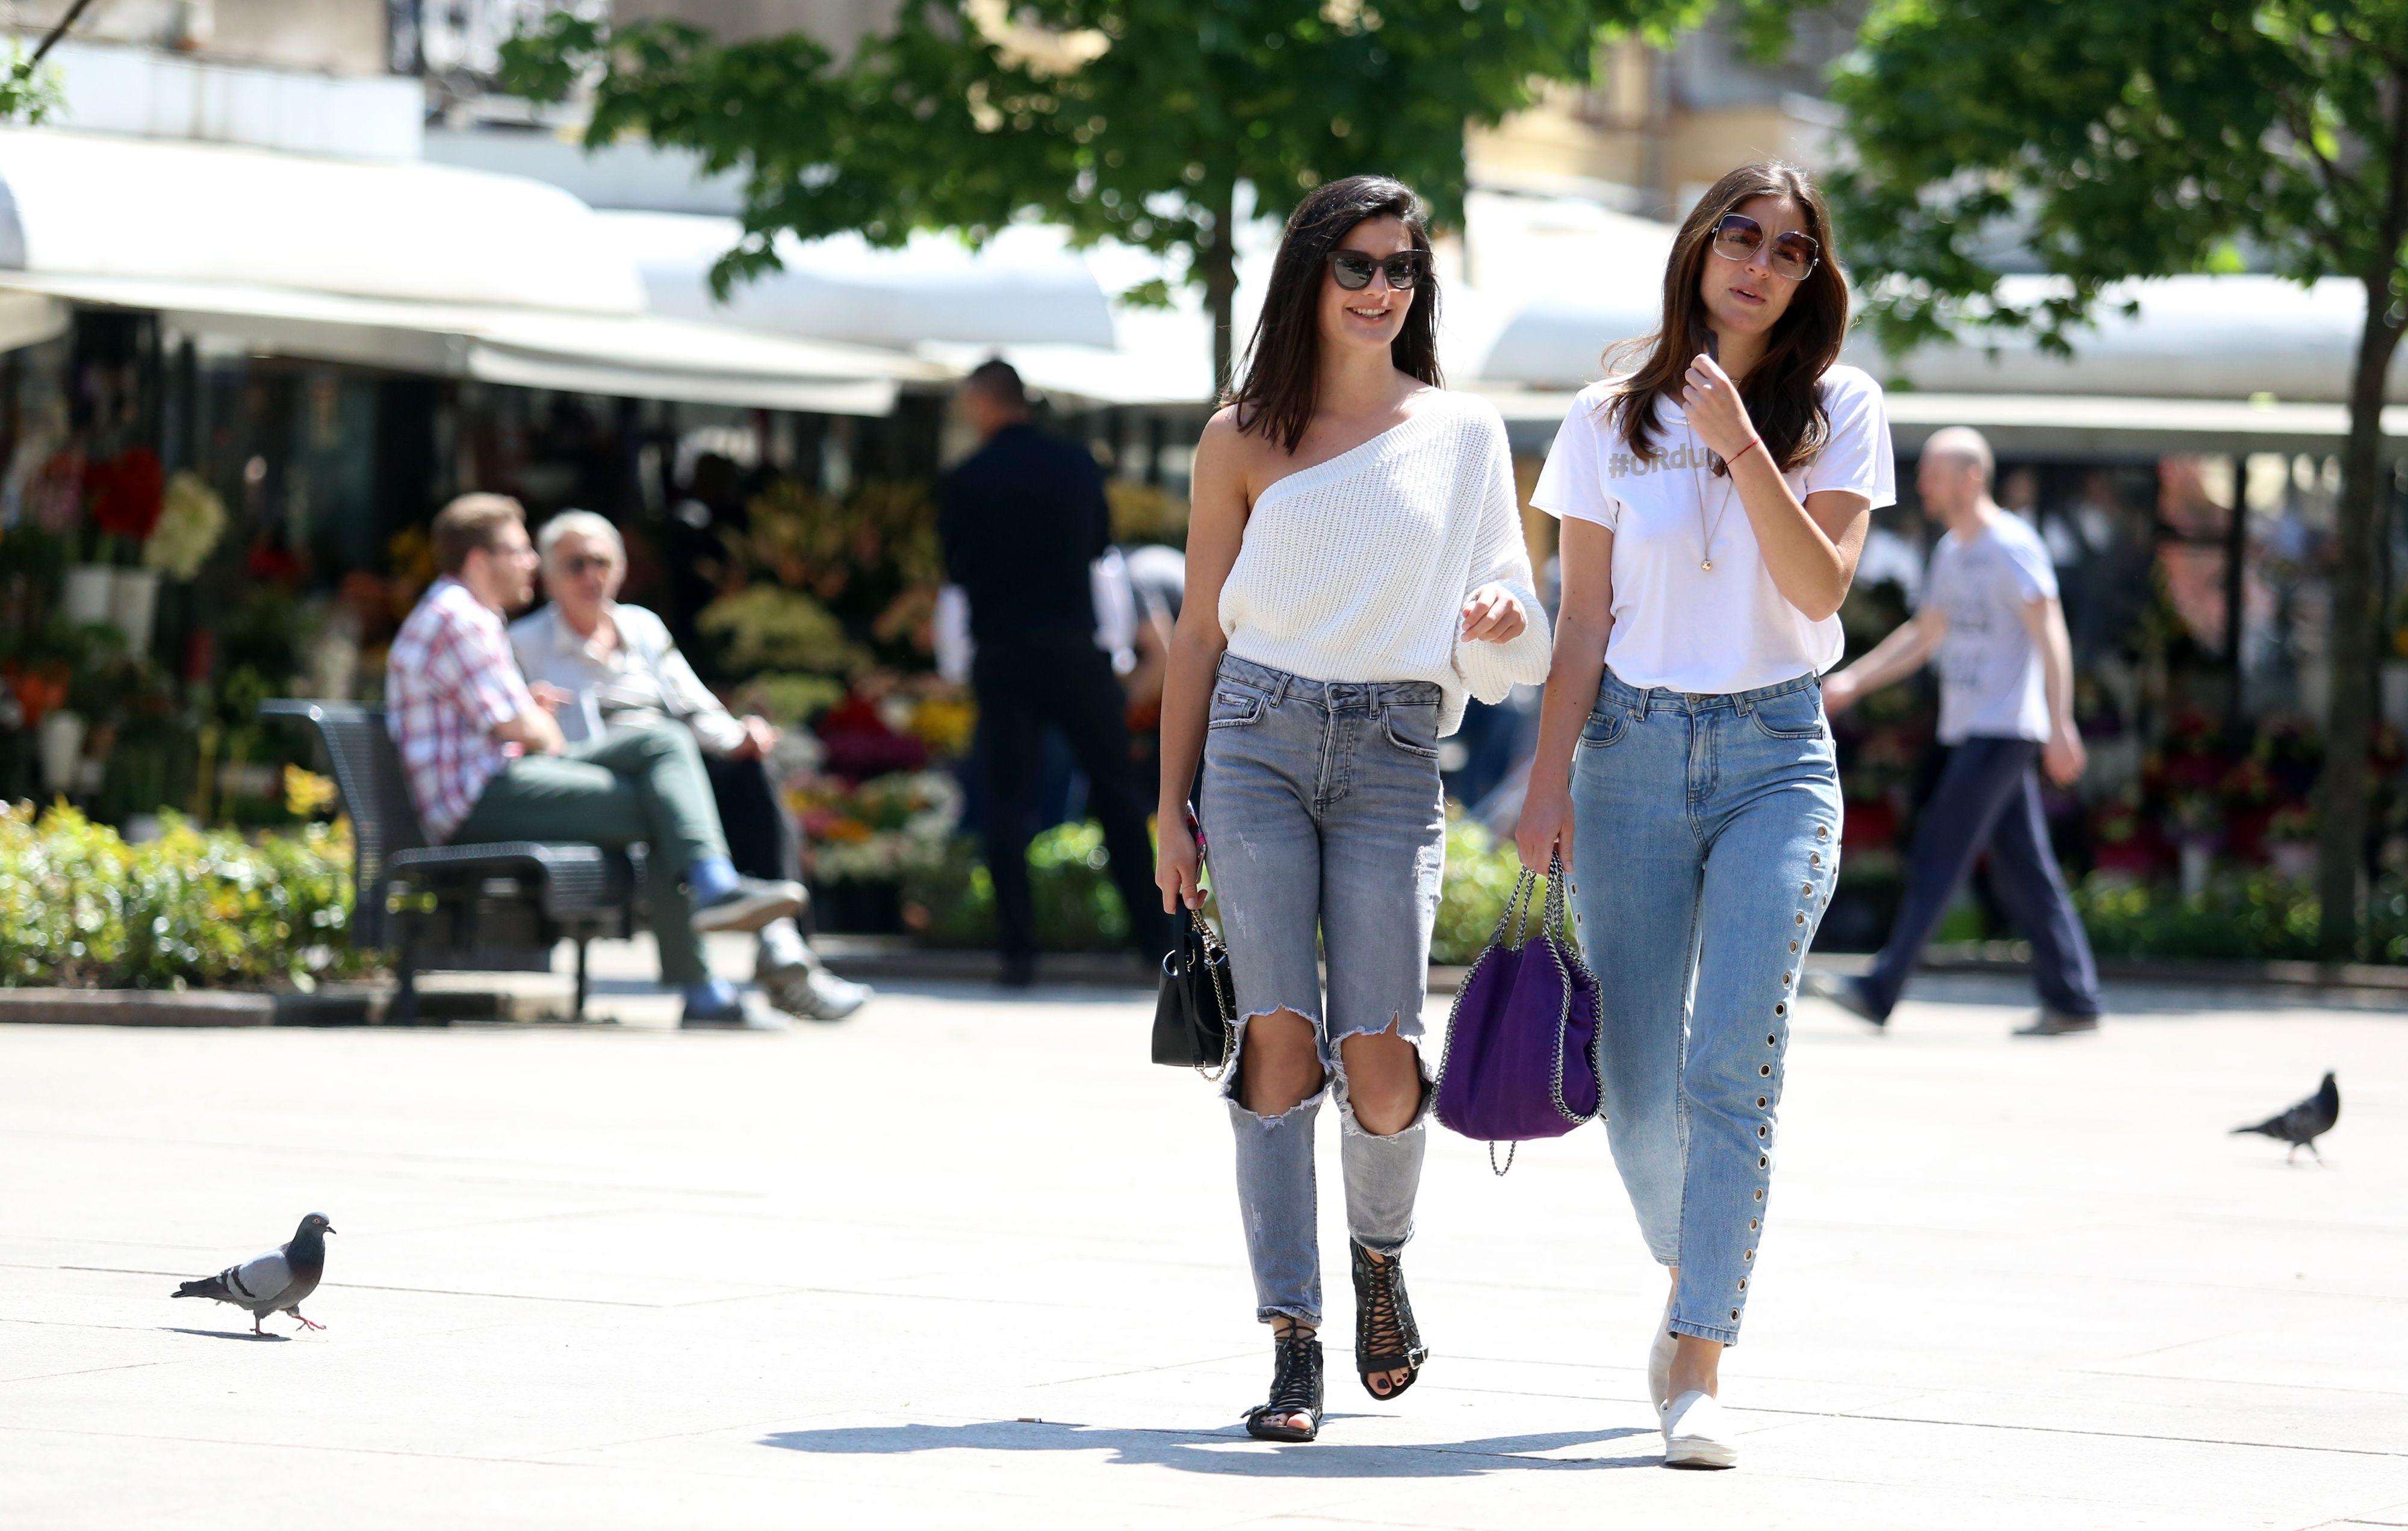 Odjenule su sasvim jednostavne kombinacije, no cijela je špica gledala ove stylish prijateljice